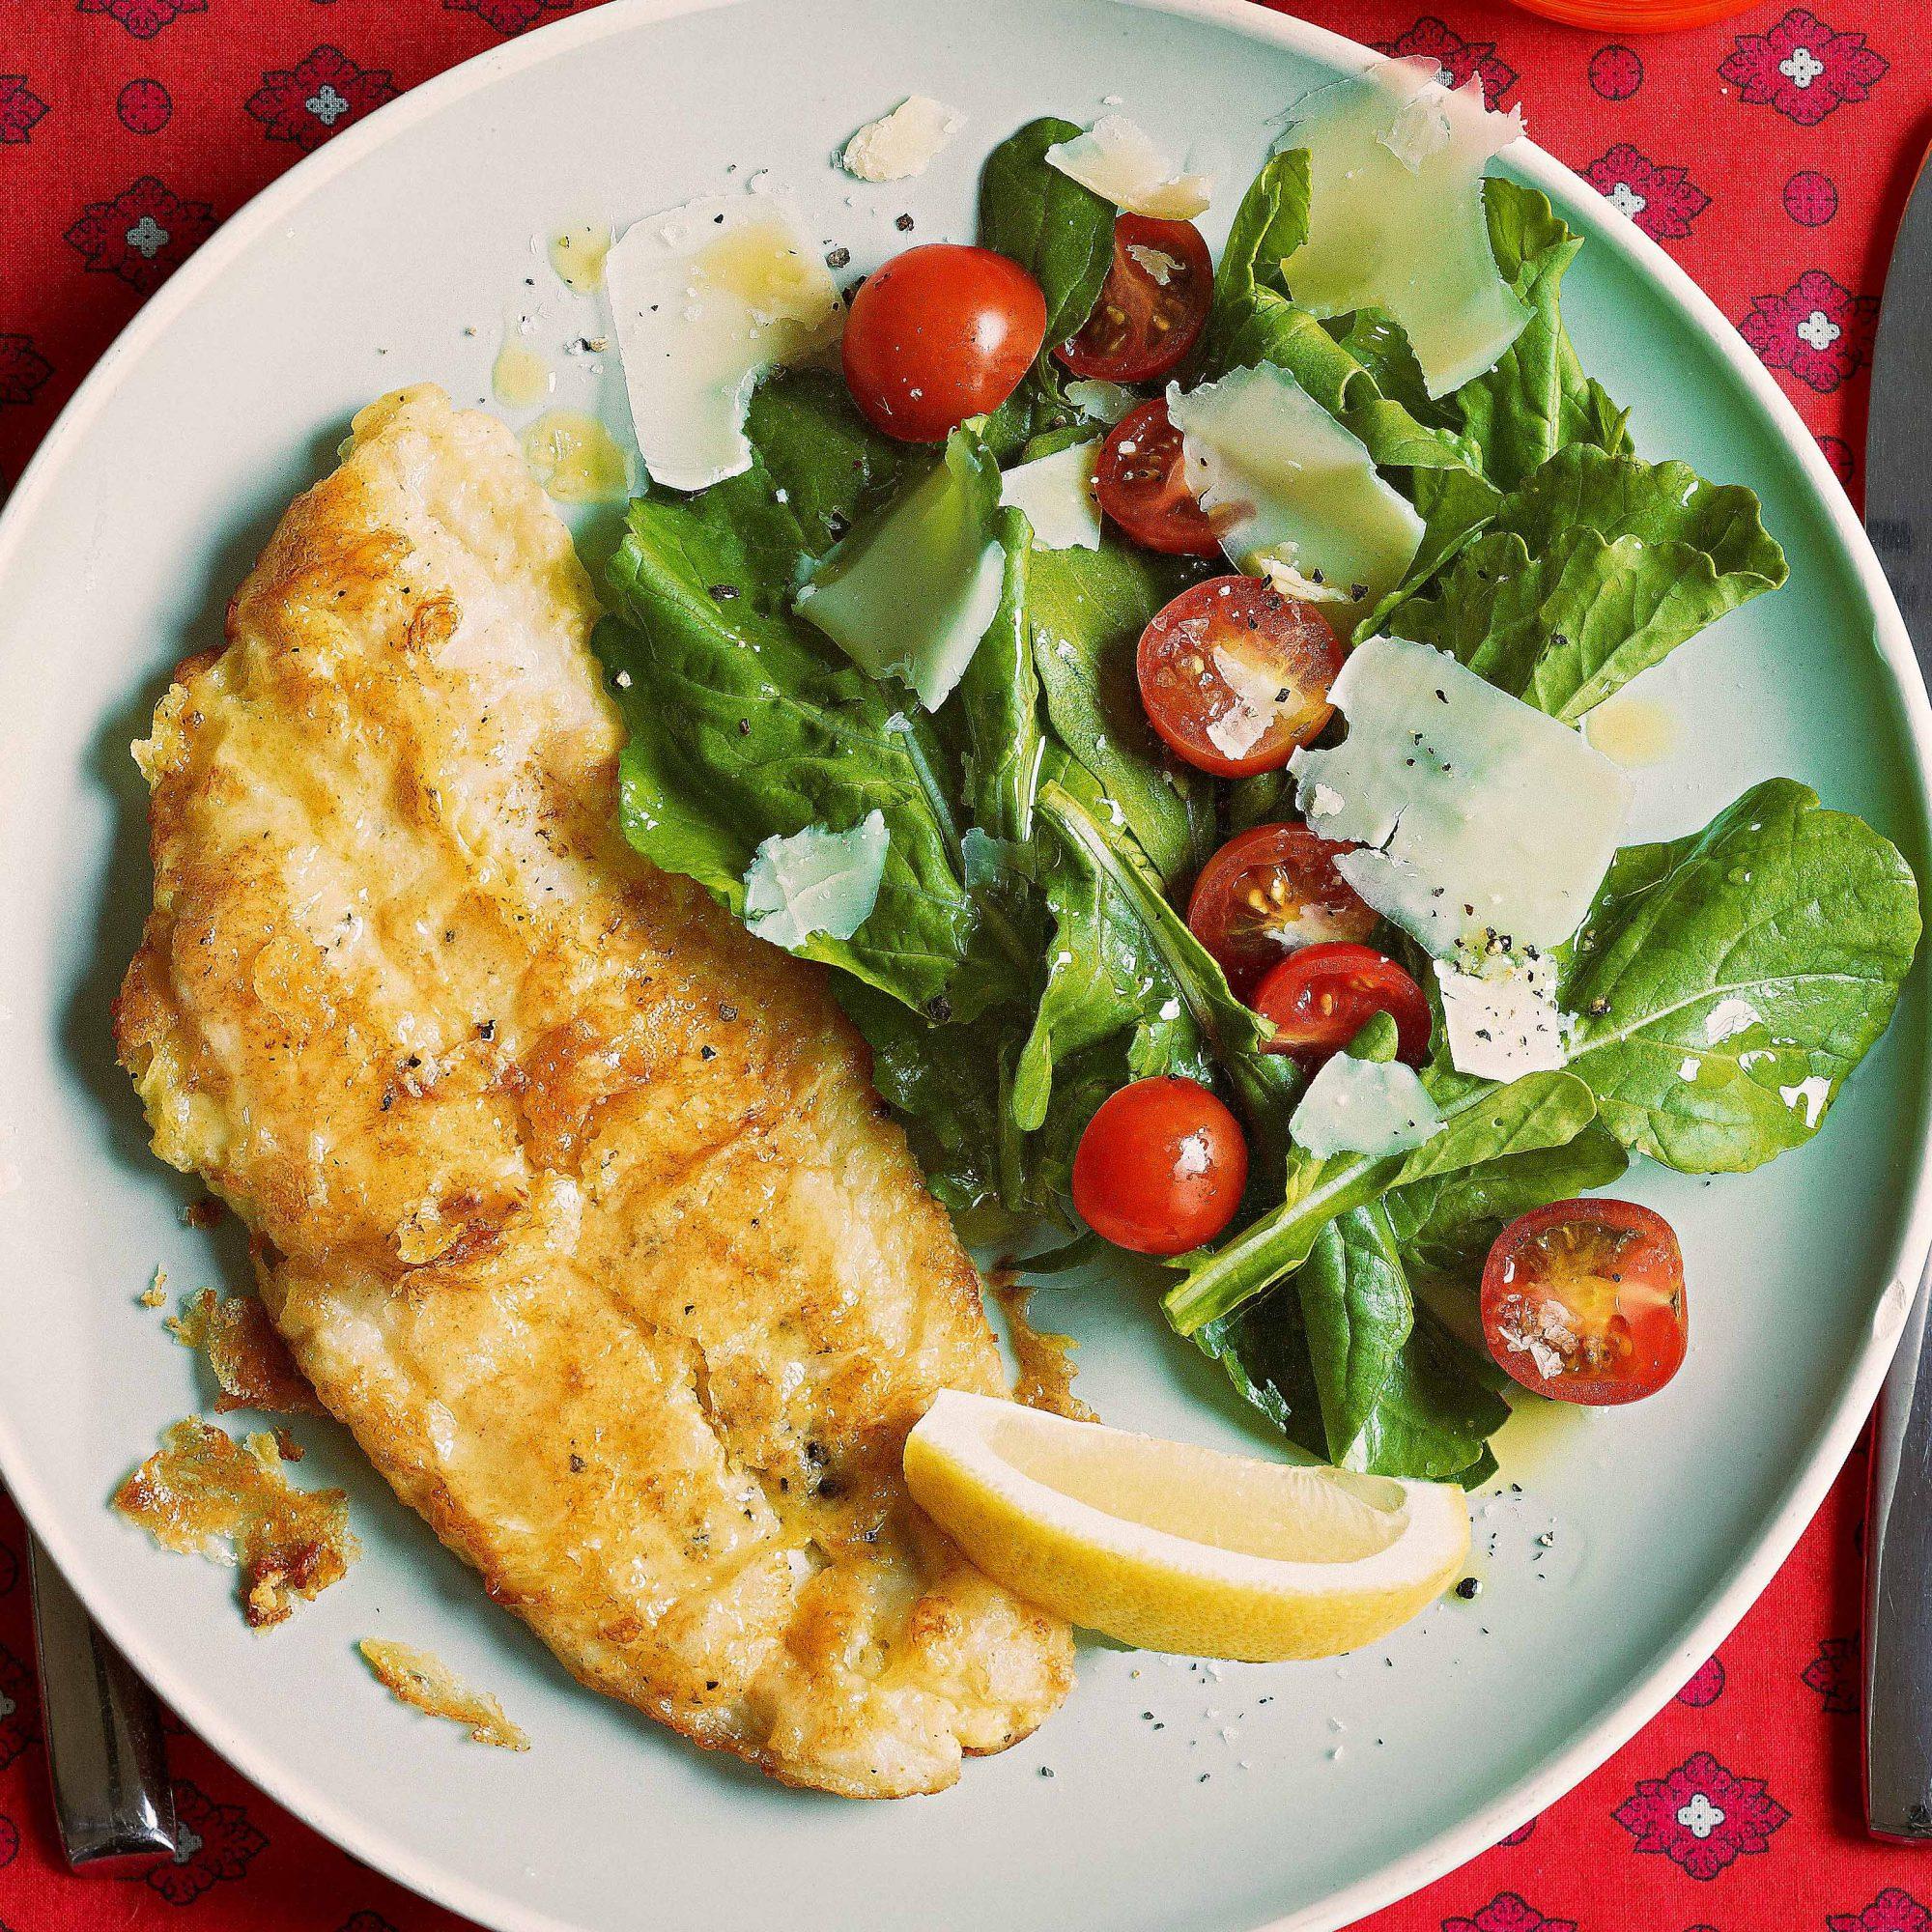 Lemon-Parm Sole with Arugula Salad